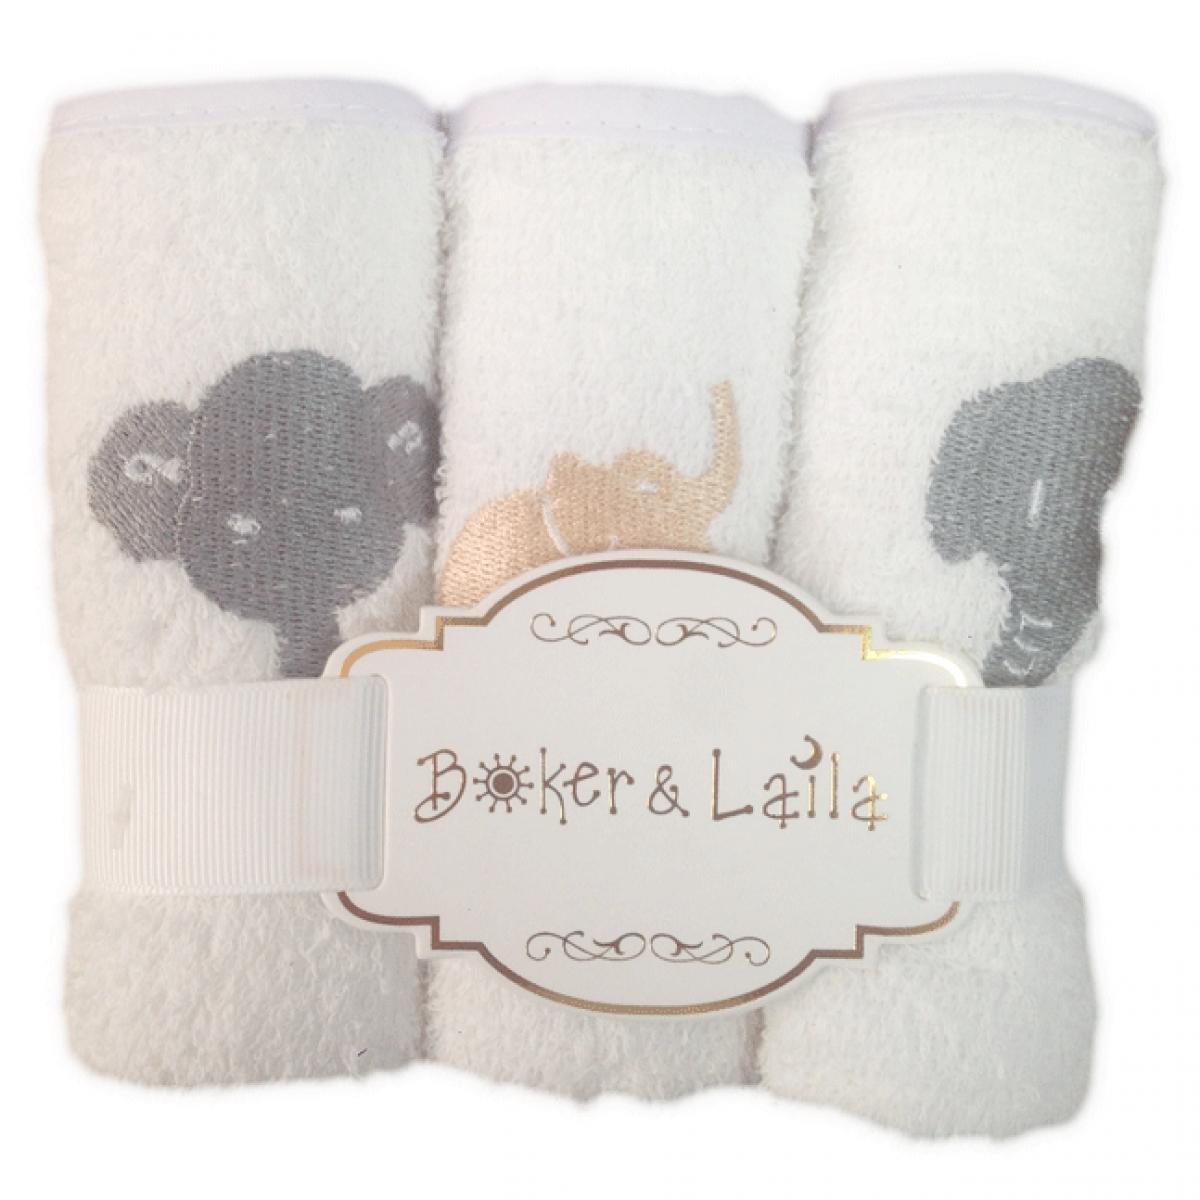 Boker & Laila 3Pk Wash Cloths